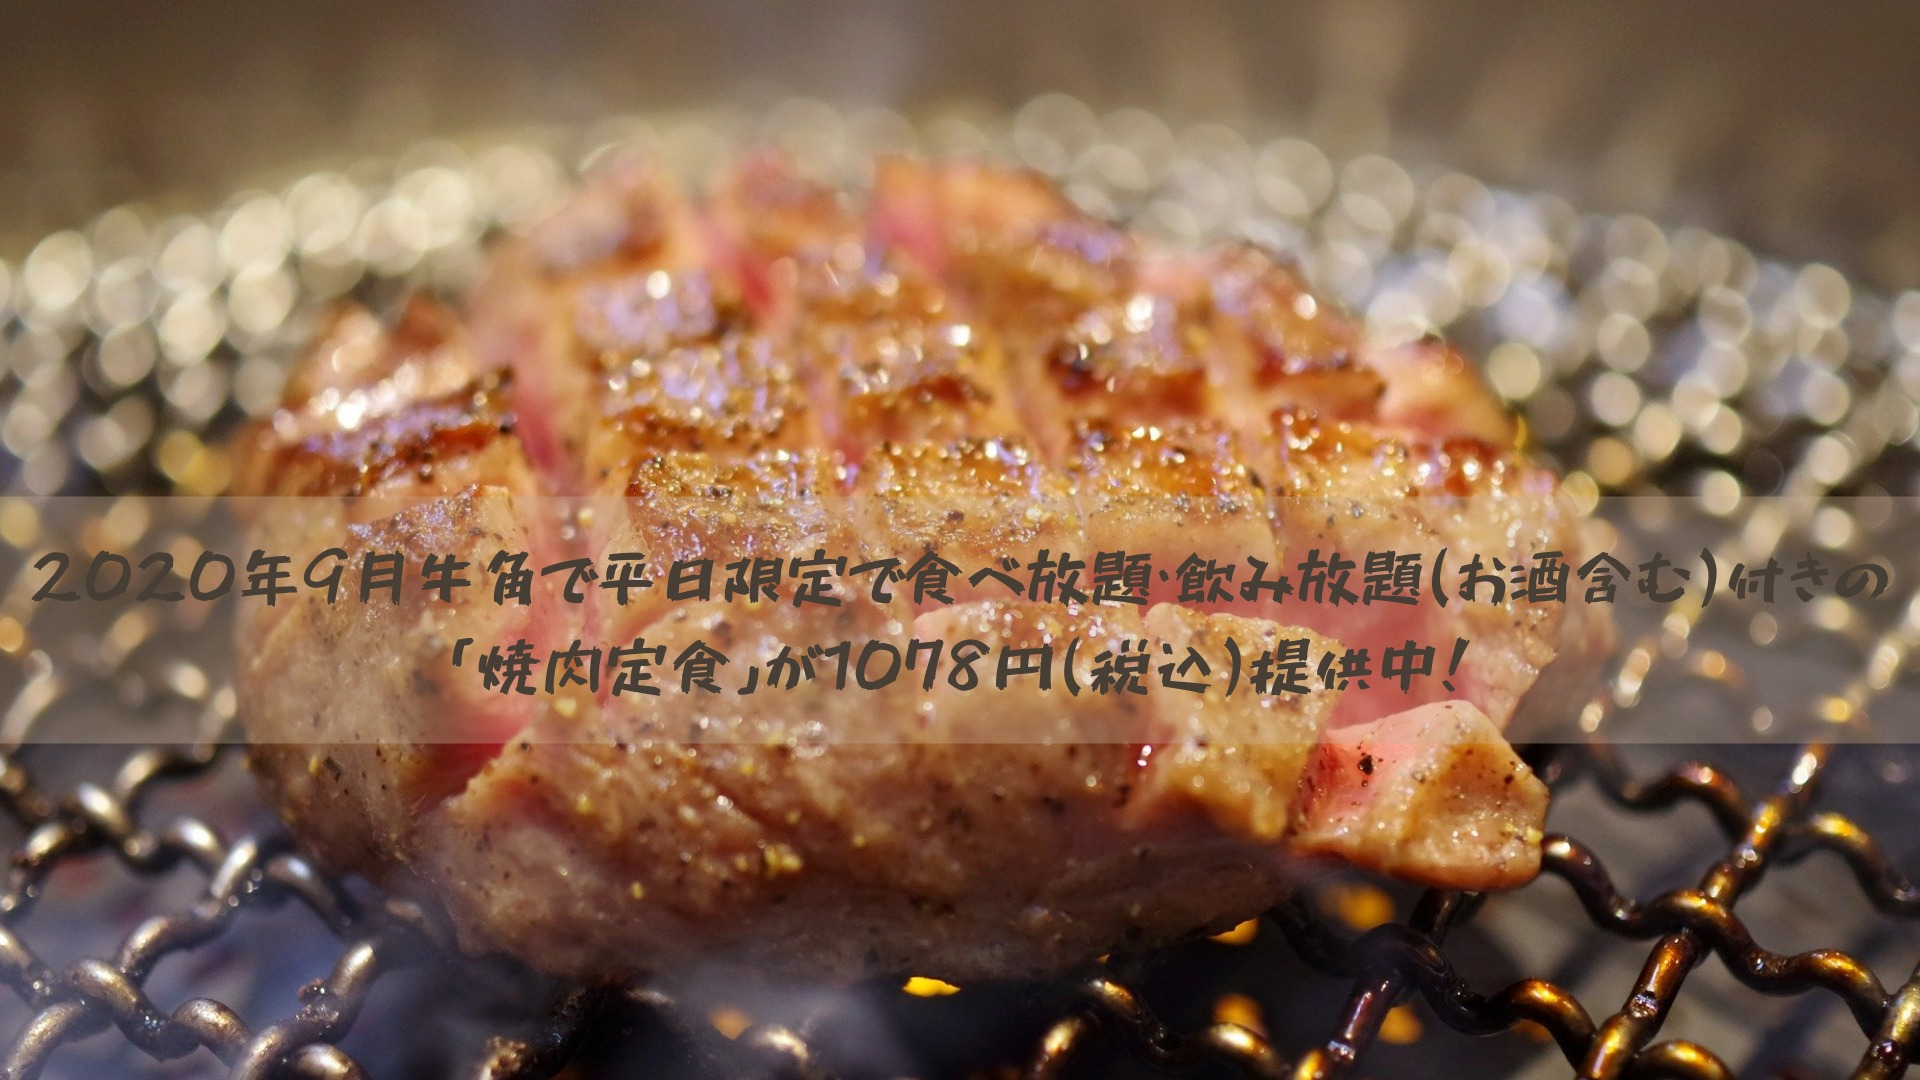 2020年9月牛角で平日限定で食べ放題・飲み放題(お酒含む)付きの「焼肉定食」が1078円(税込)提供中!